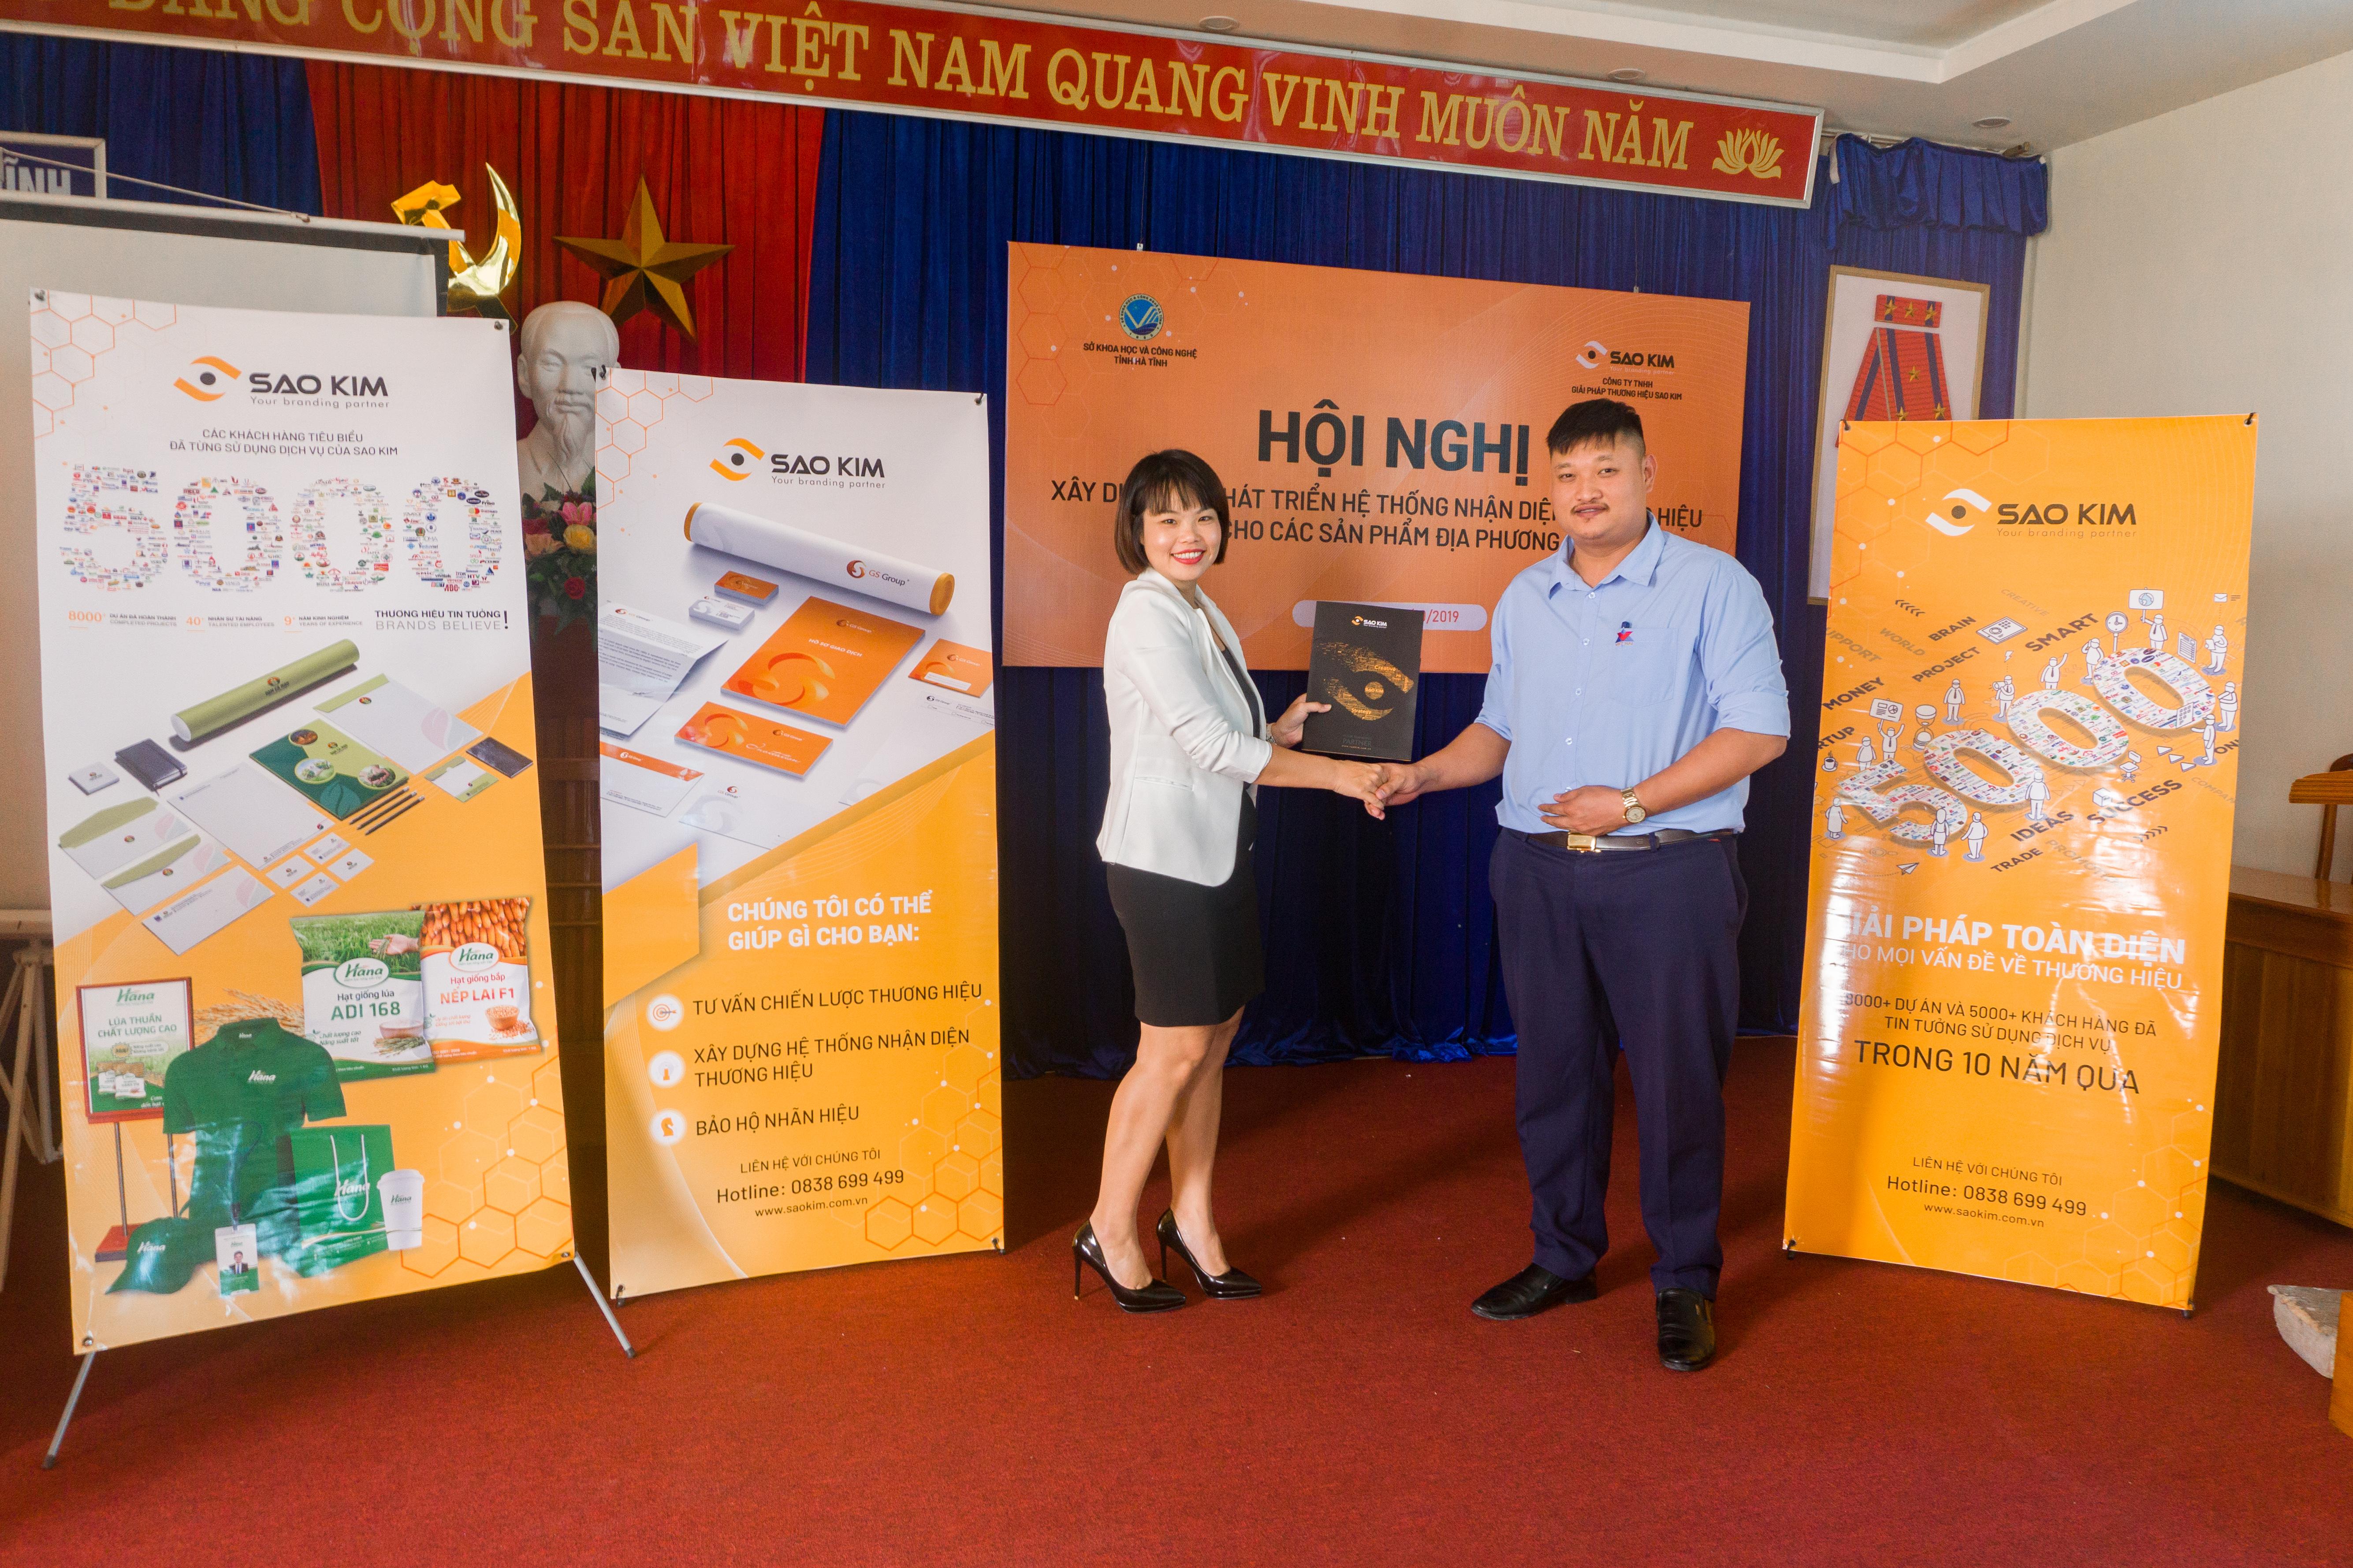 Hội nghị tập huấn: Xây dựng và Phát triển Thương hiệu cho các sản phẩm địa phương - ảnh từ SaoKim Branding